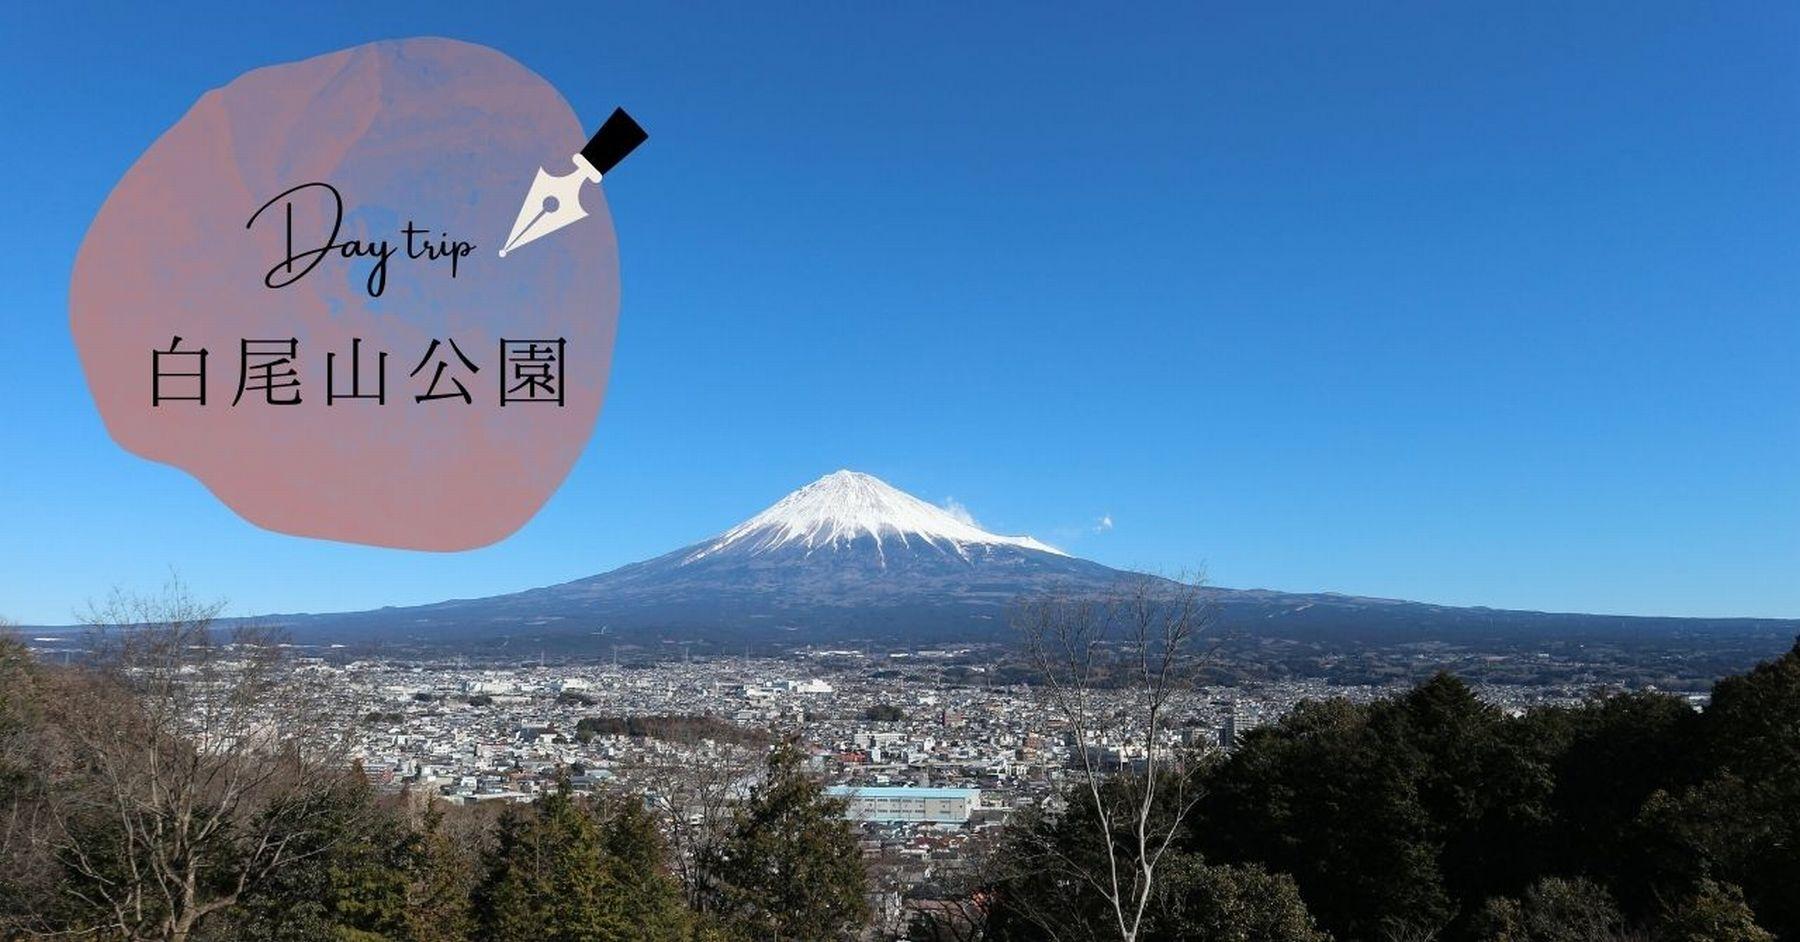 白尾山公園 blog ブログ